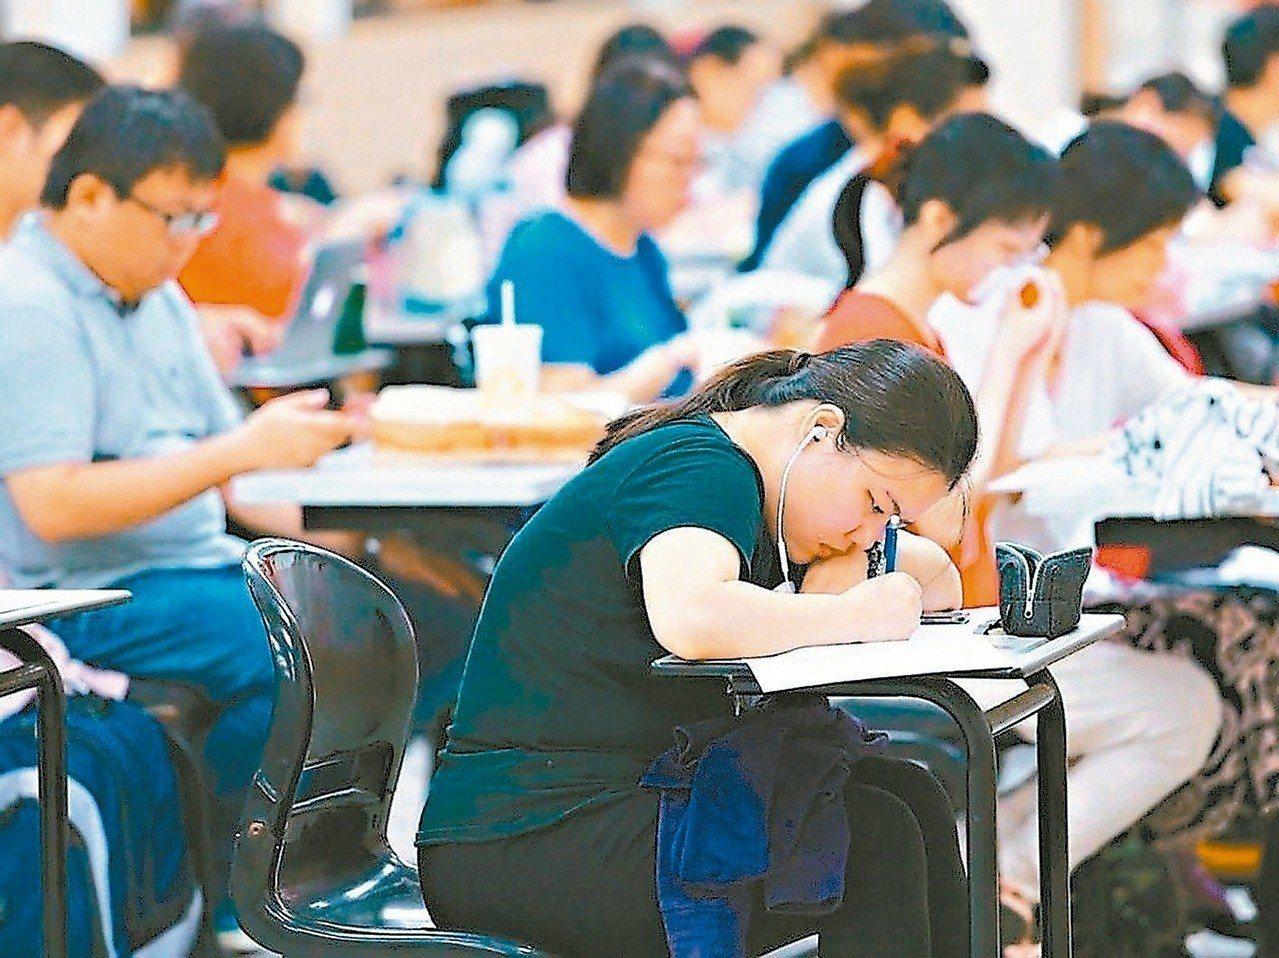 中醫師考試分階段考試、營養師、心理師、護理師、社會工作師考試今、明兩天登場。 圖...